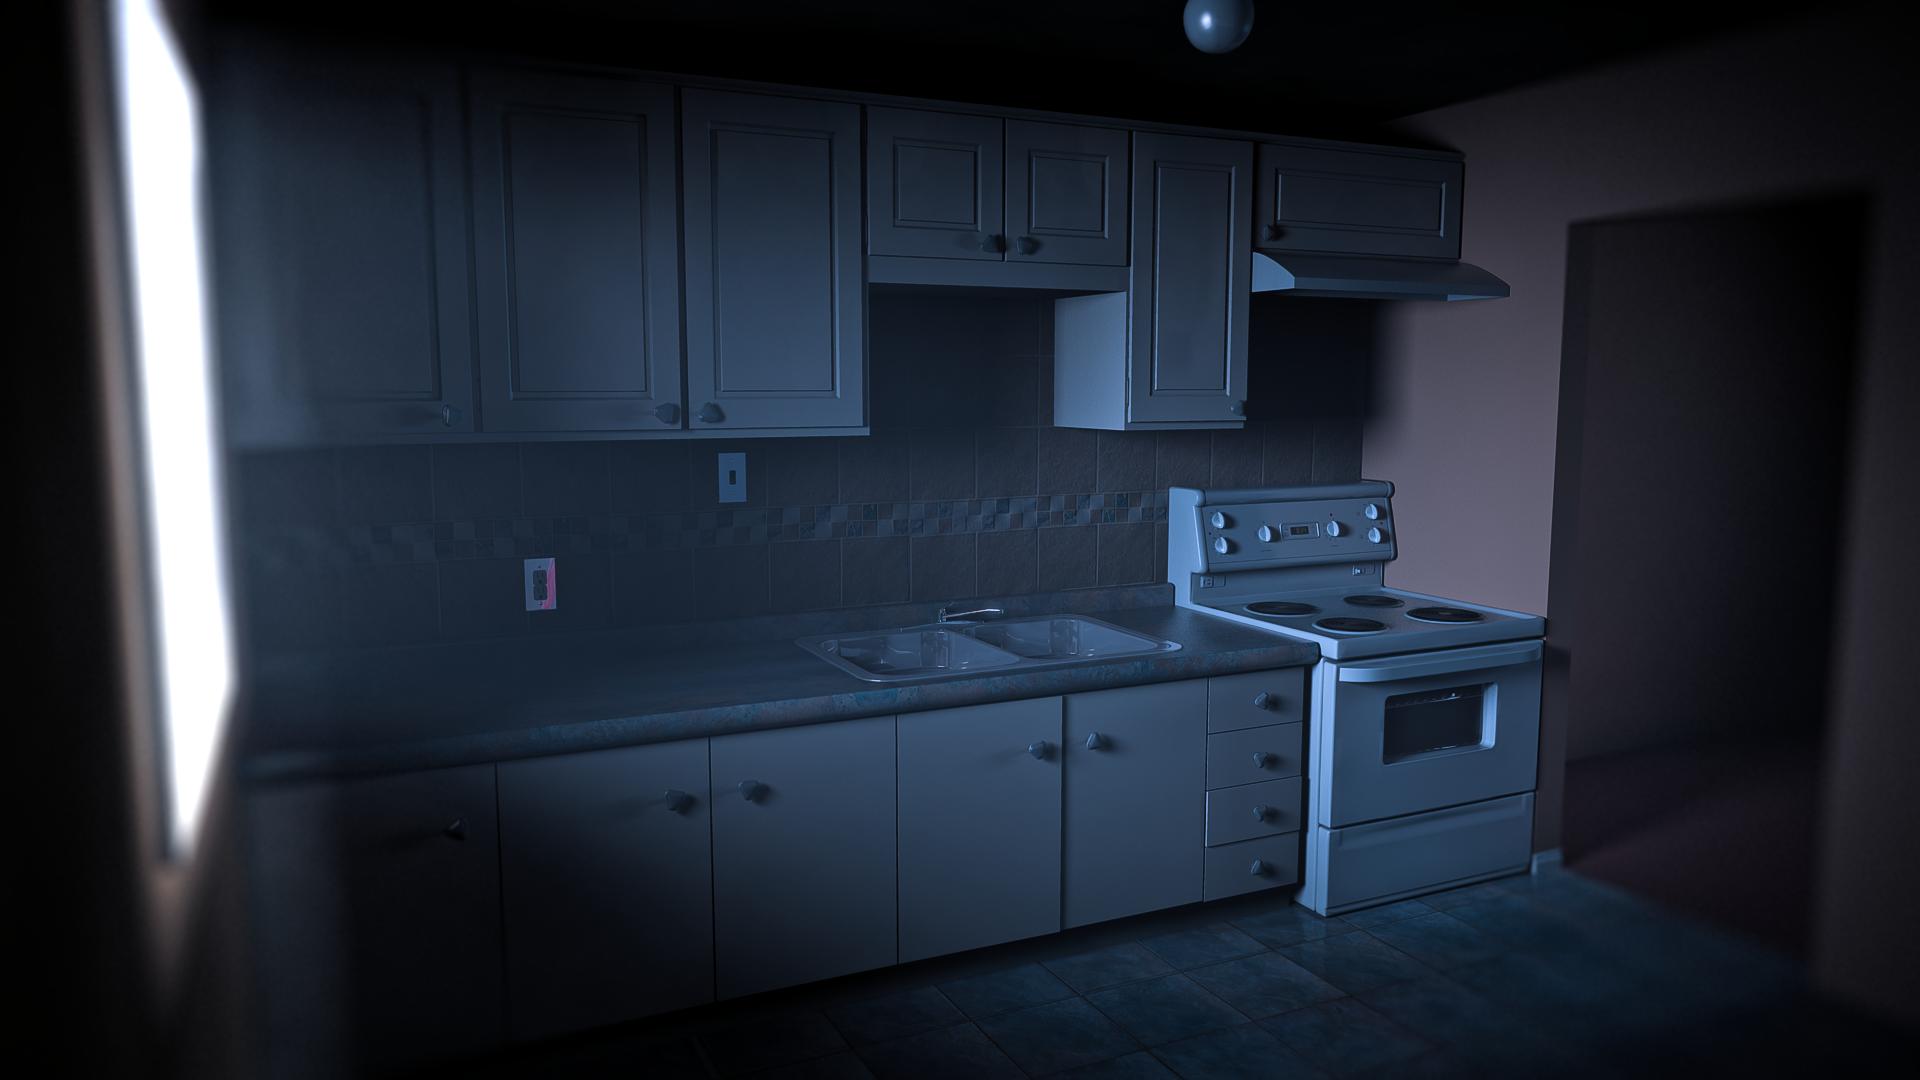 Kitchen_render_lights_OFF.png